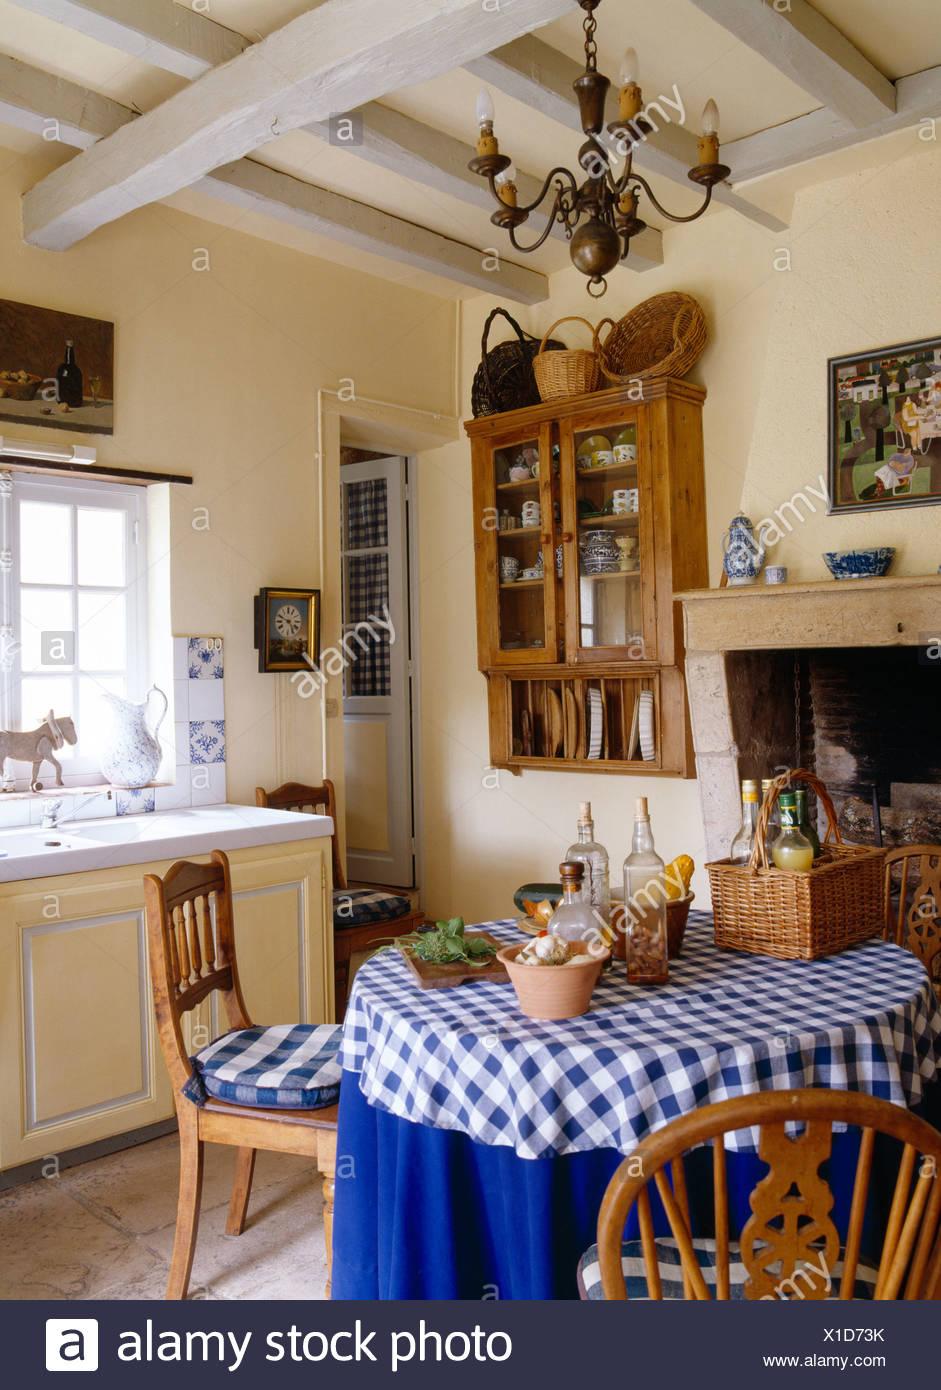 Niedlich Blau Landküche Bilder Bilder - Ideen Für Die Küche ...